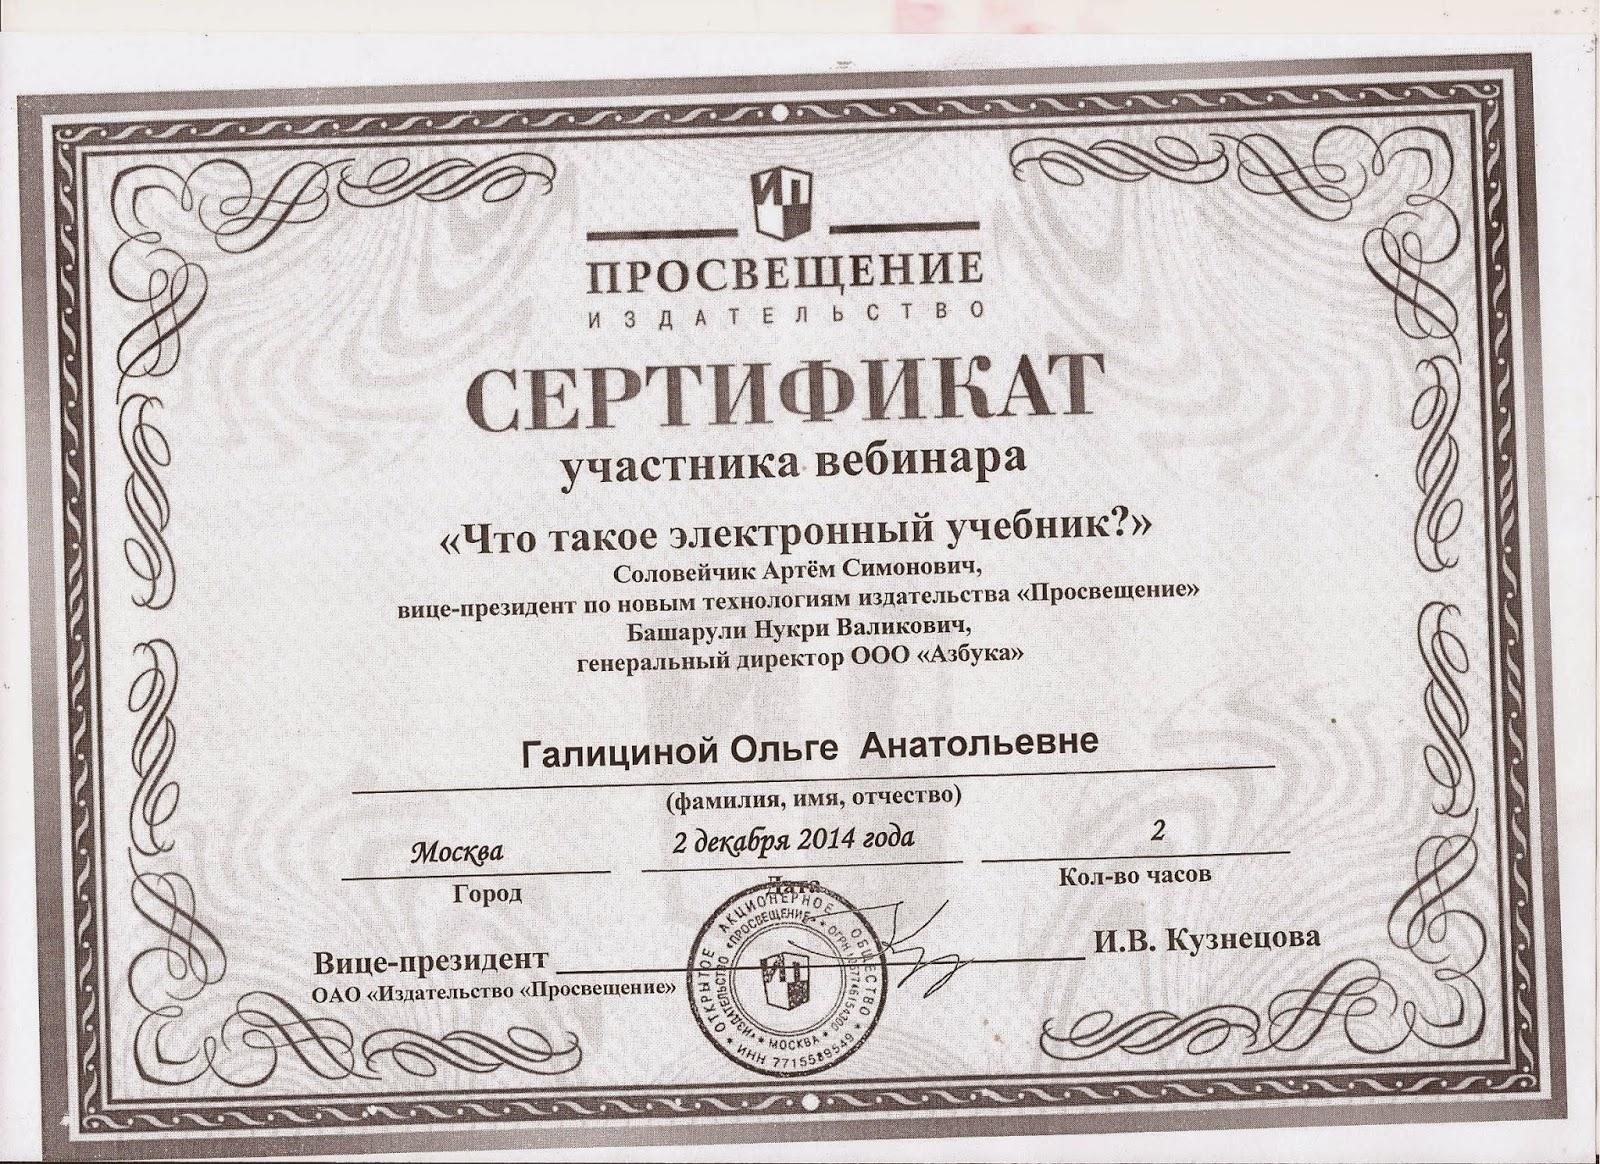 Сертификат вебинара скачать бесплатно - 2